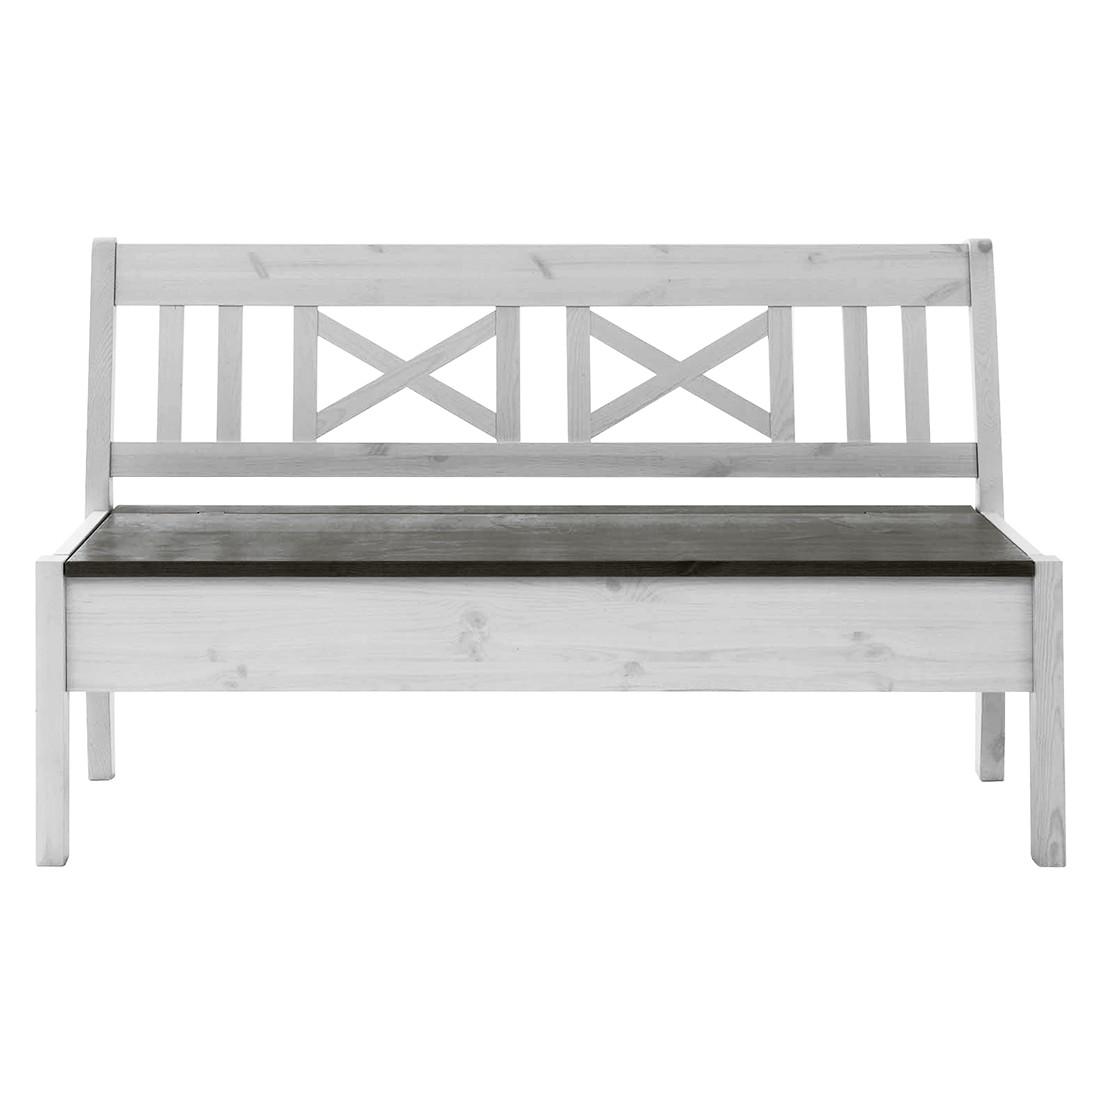 home24 Sitzbank Fjord I | Küche und Esszimmer > Sitzbänke > Einfache Sitzbänke | Grau | Maison Belfort